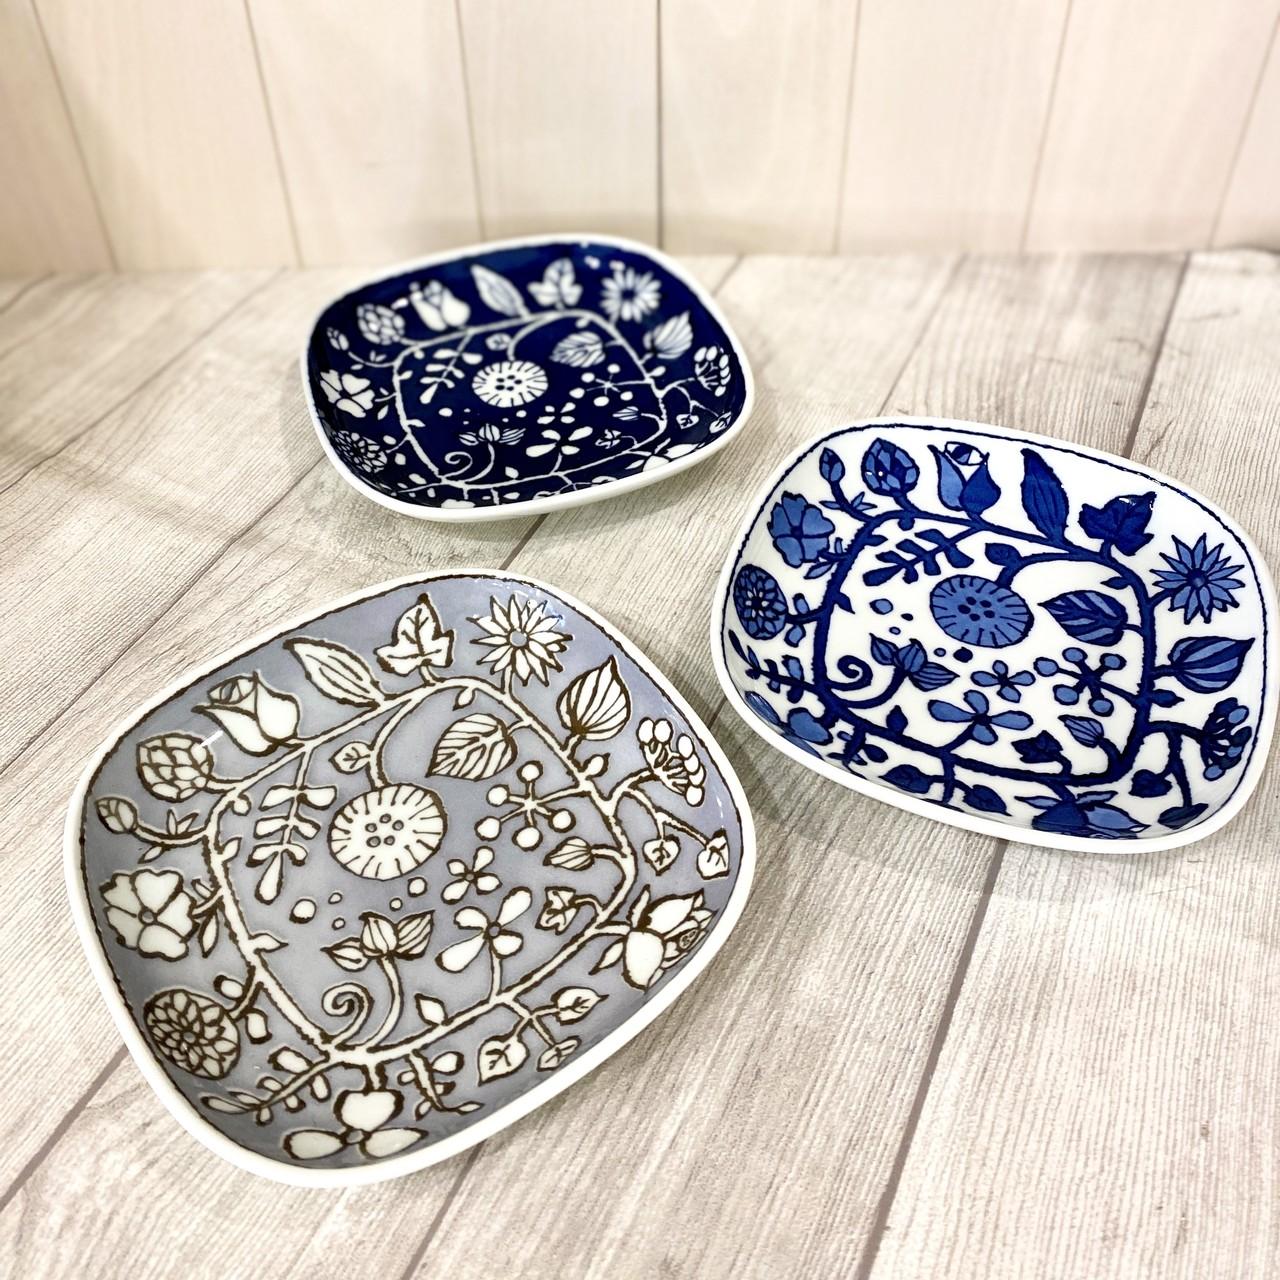 【波佐見焼】【和山】【フラワーパレード】【正角皿】取皿 Mサイズ 和食器 北欧風 ボタニカル かわいい おしゃれ